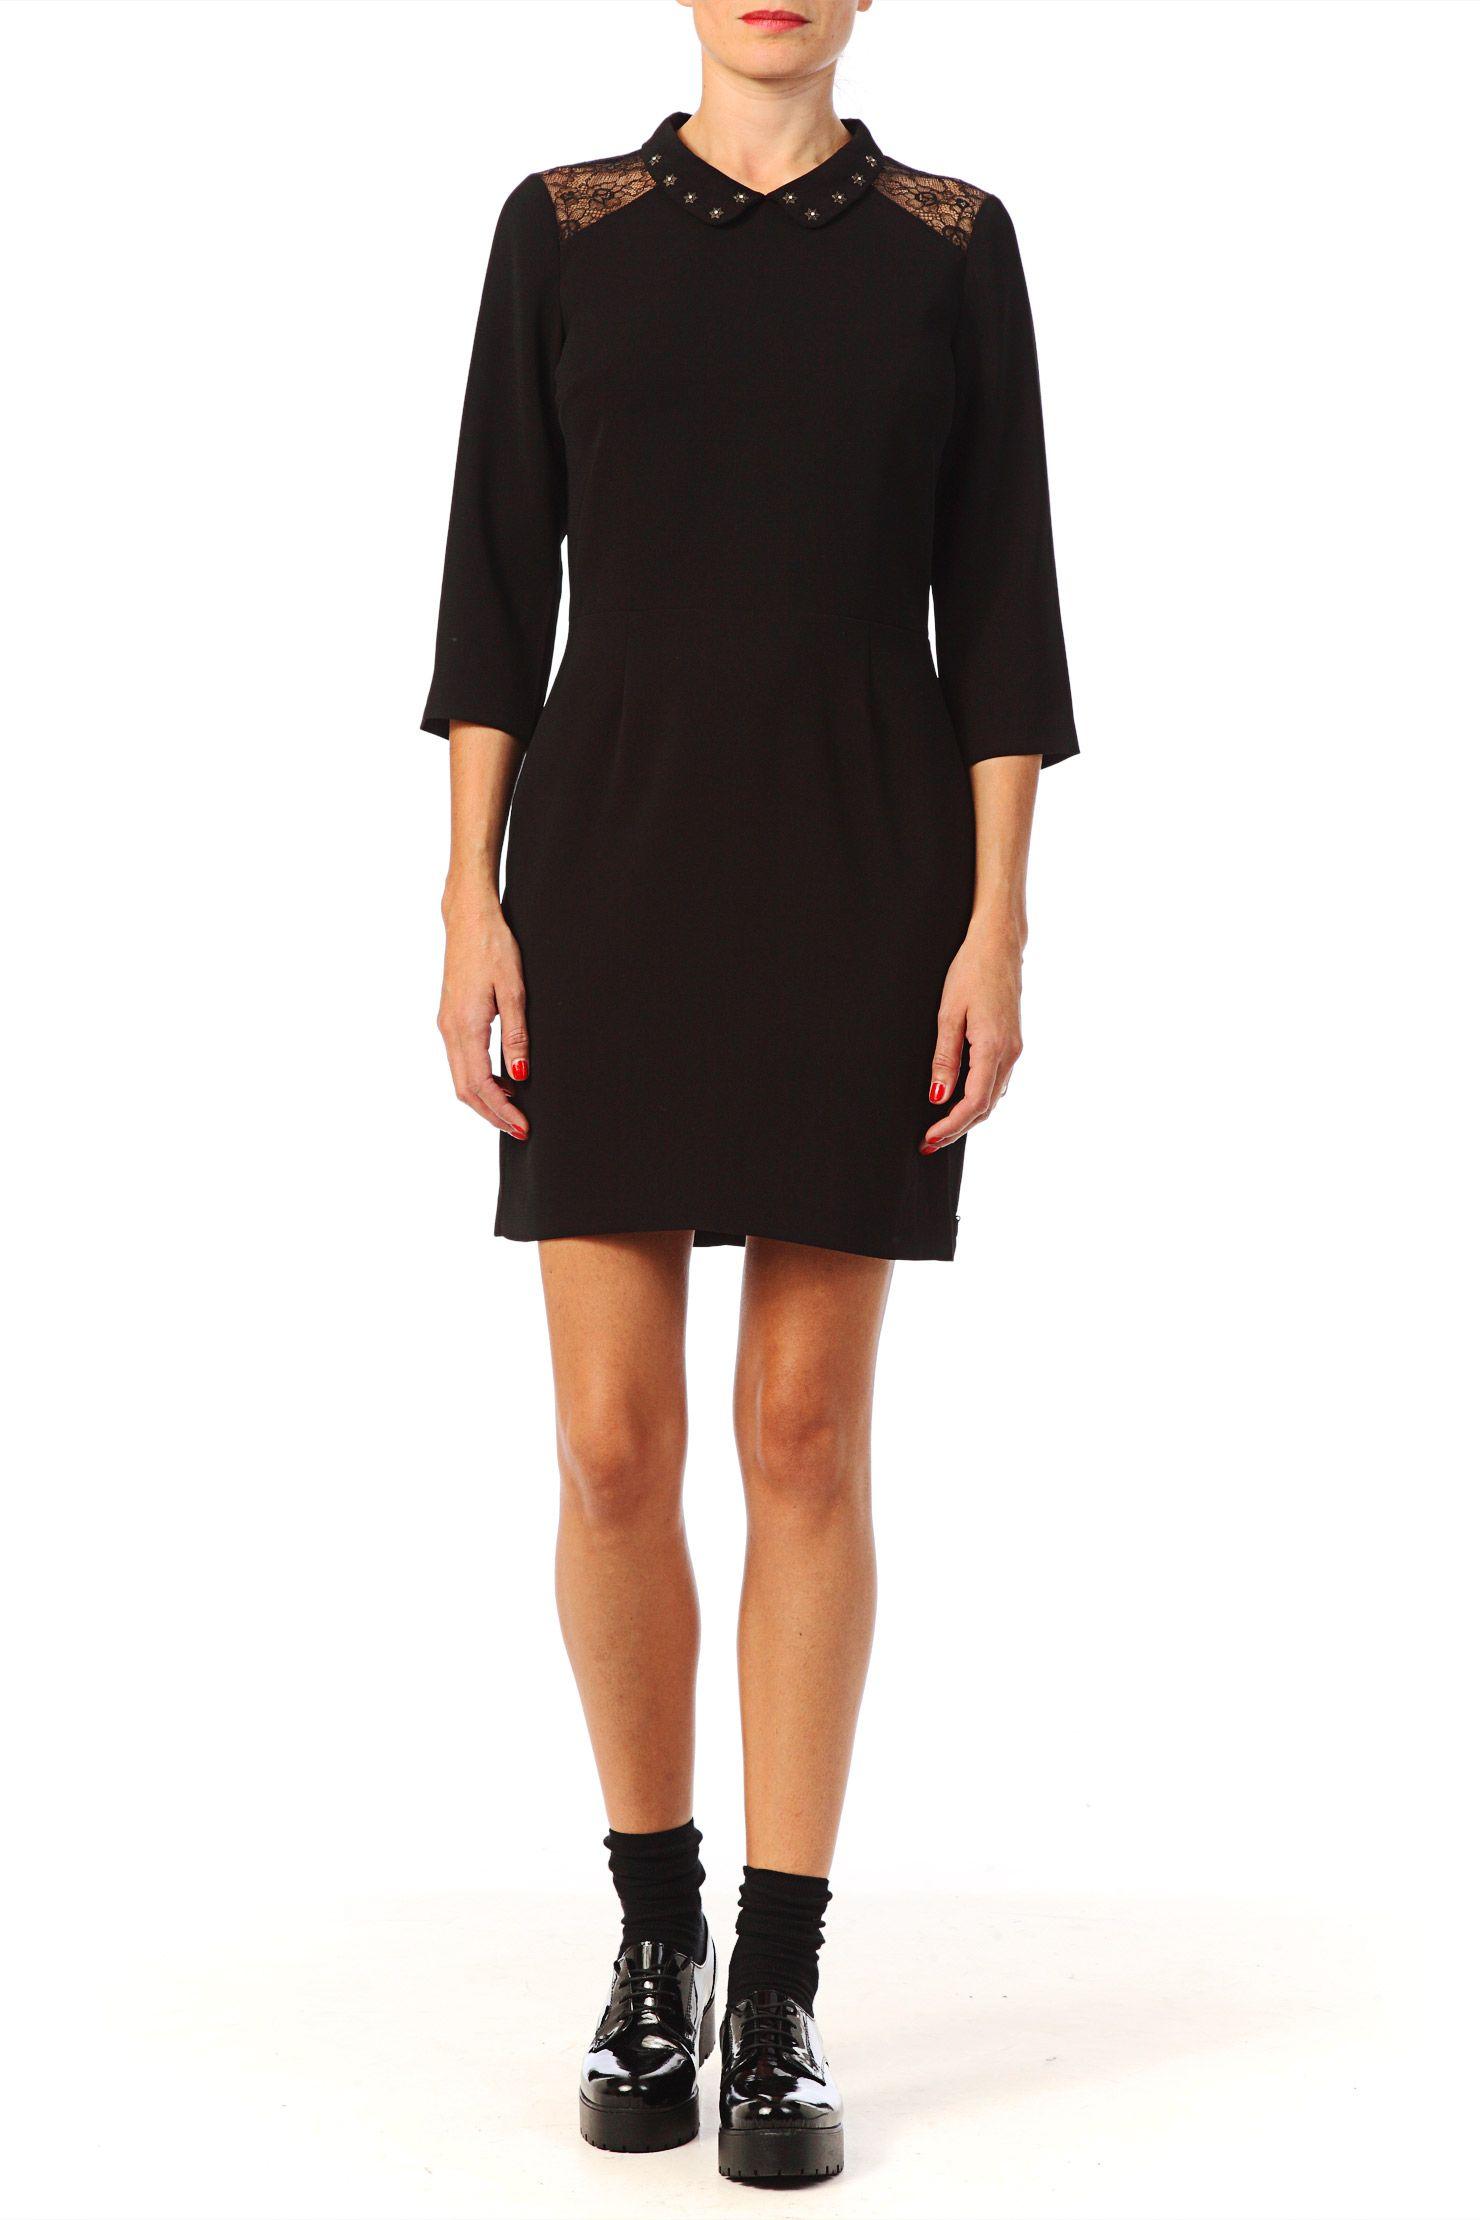 robe col claudine valentina noir maison scotch sur fashion pinterest. Black Bedroom Furniture Sets. Home Design Ideas